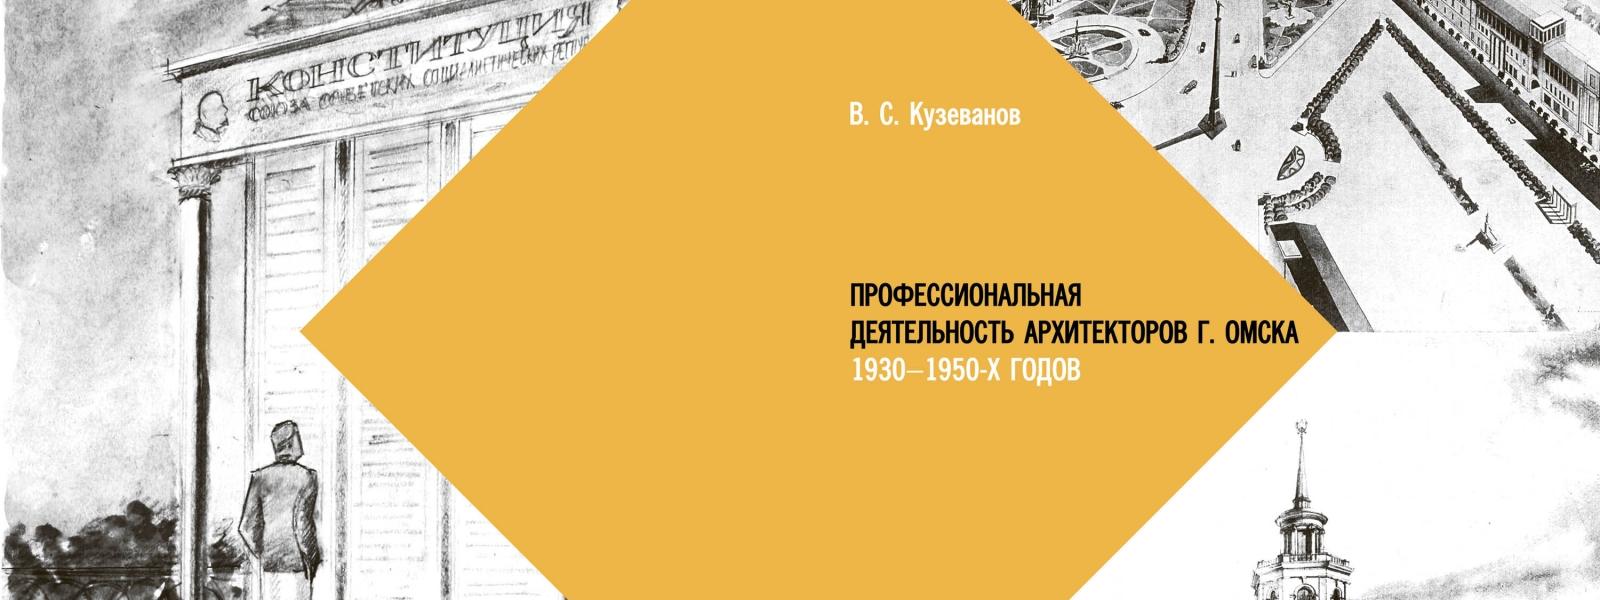 work-Профессиональная деятельность архитекторов Омска  1930-1950 годов: монография